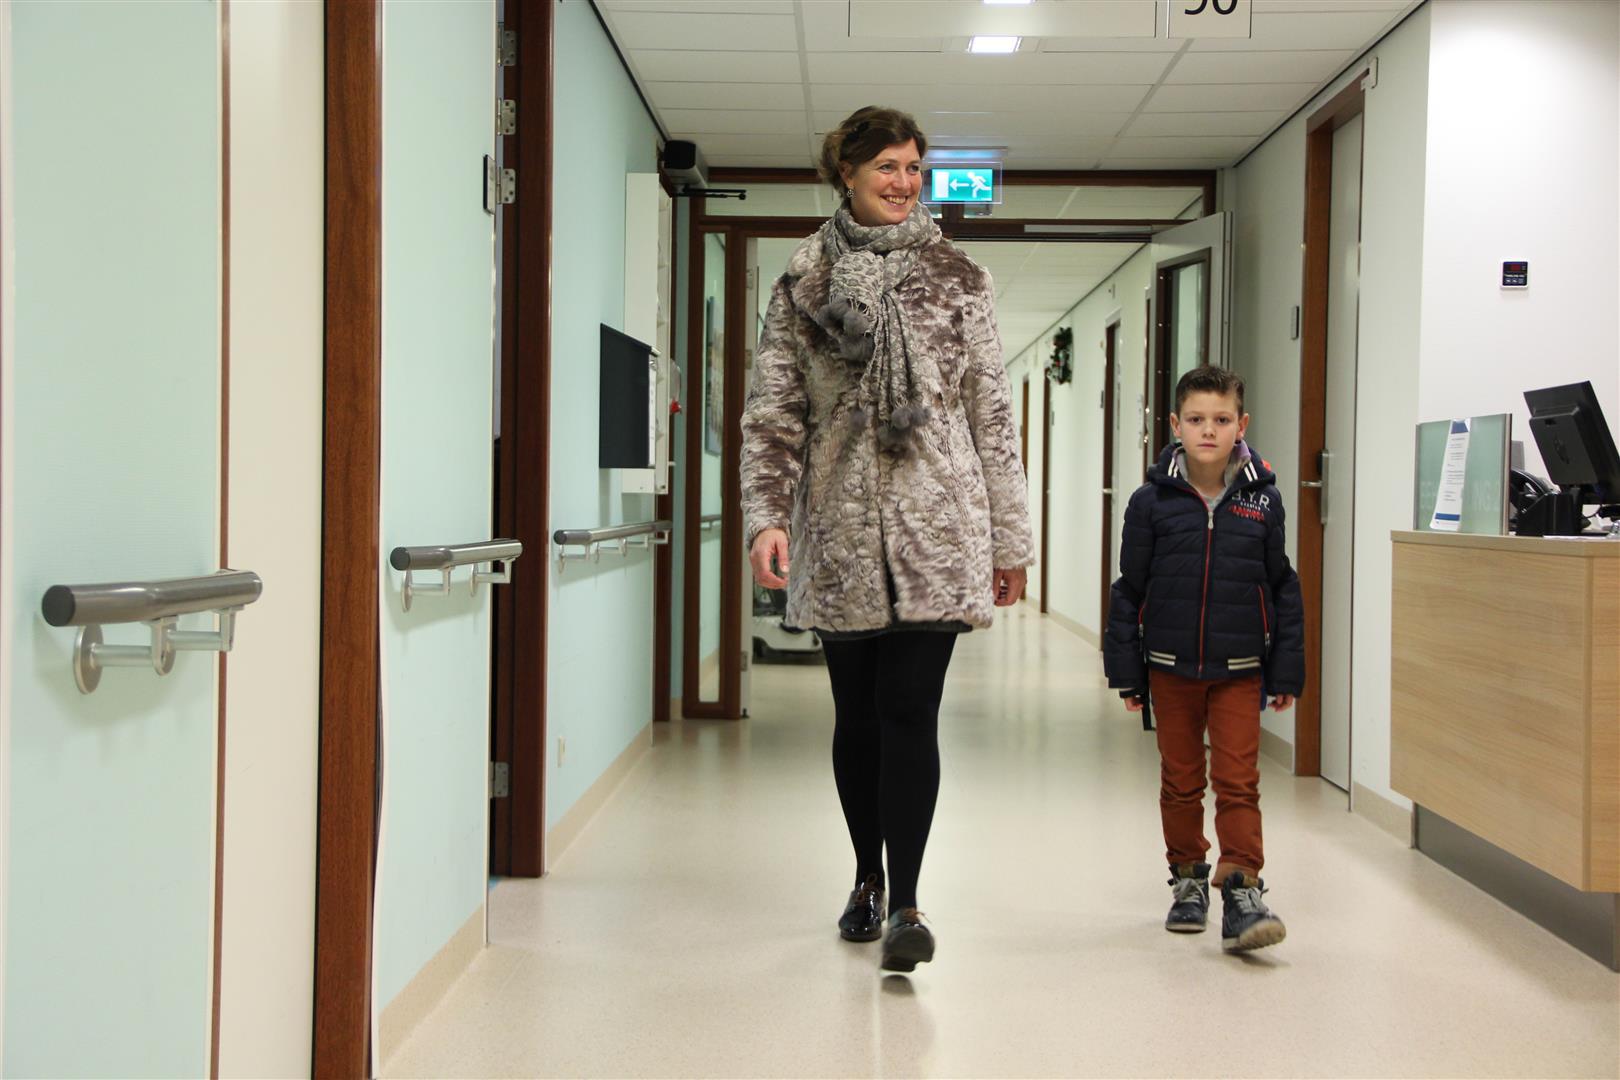 weel-bethesda-ziekenhuis-voorbereiding-operatie-KNO